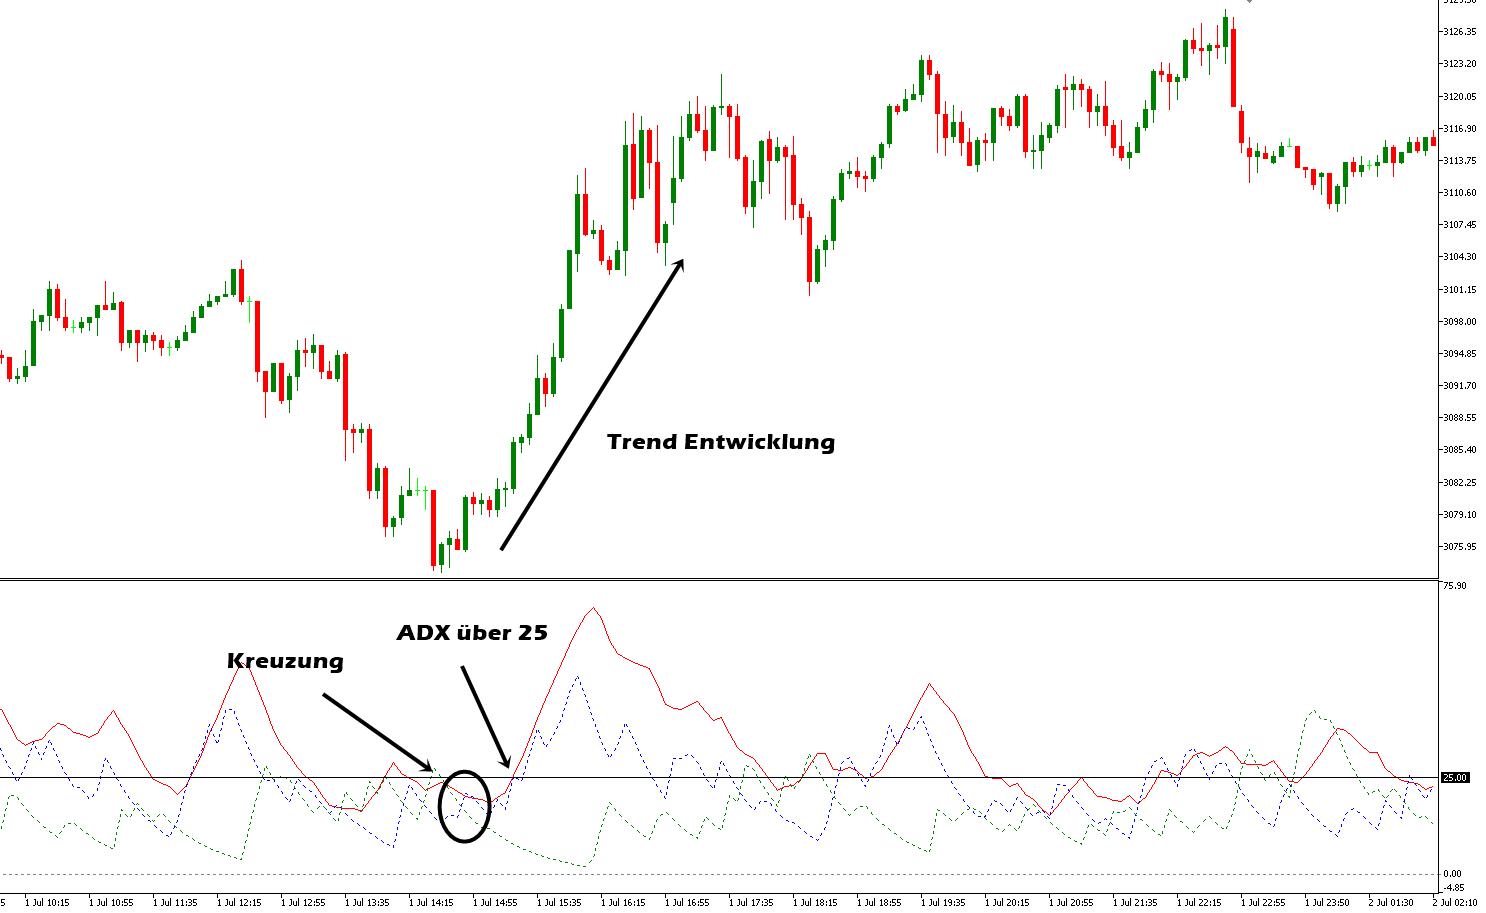 ADX Trend Überkreuzung